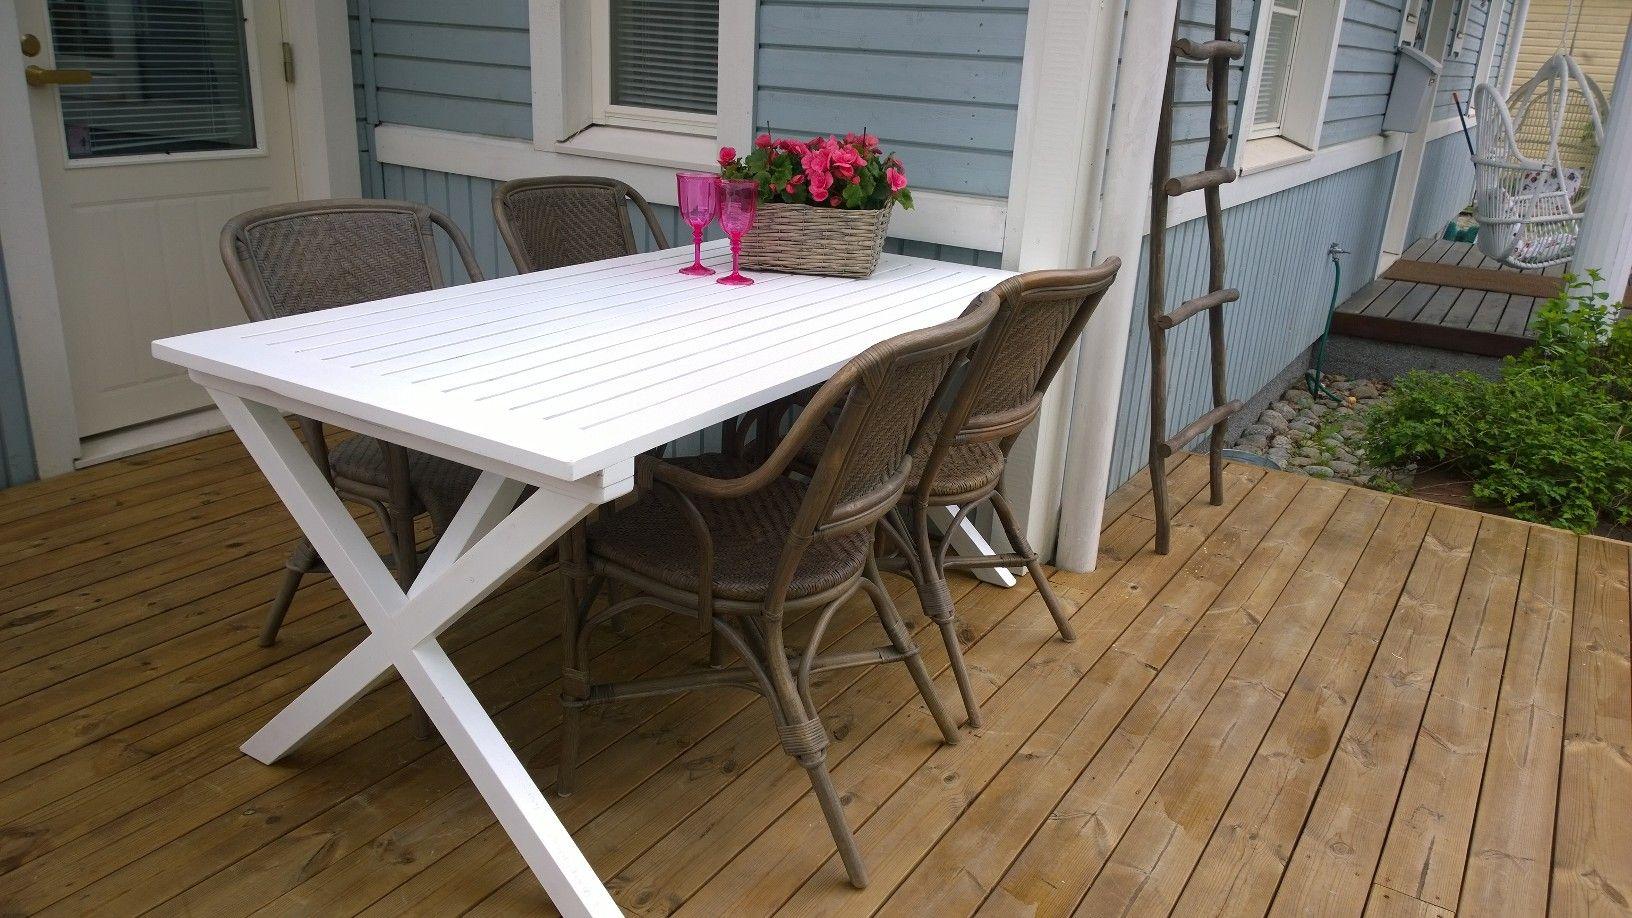 Terassikuvaa Buru ruokapöytä valkoinen  Cafe tuolit harmaat www.parolanrottinki.fi